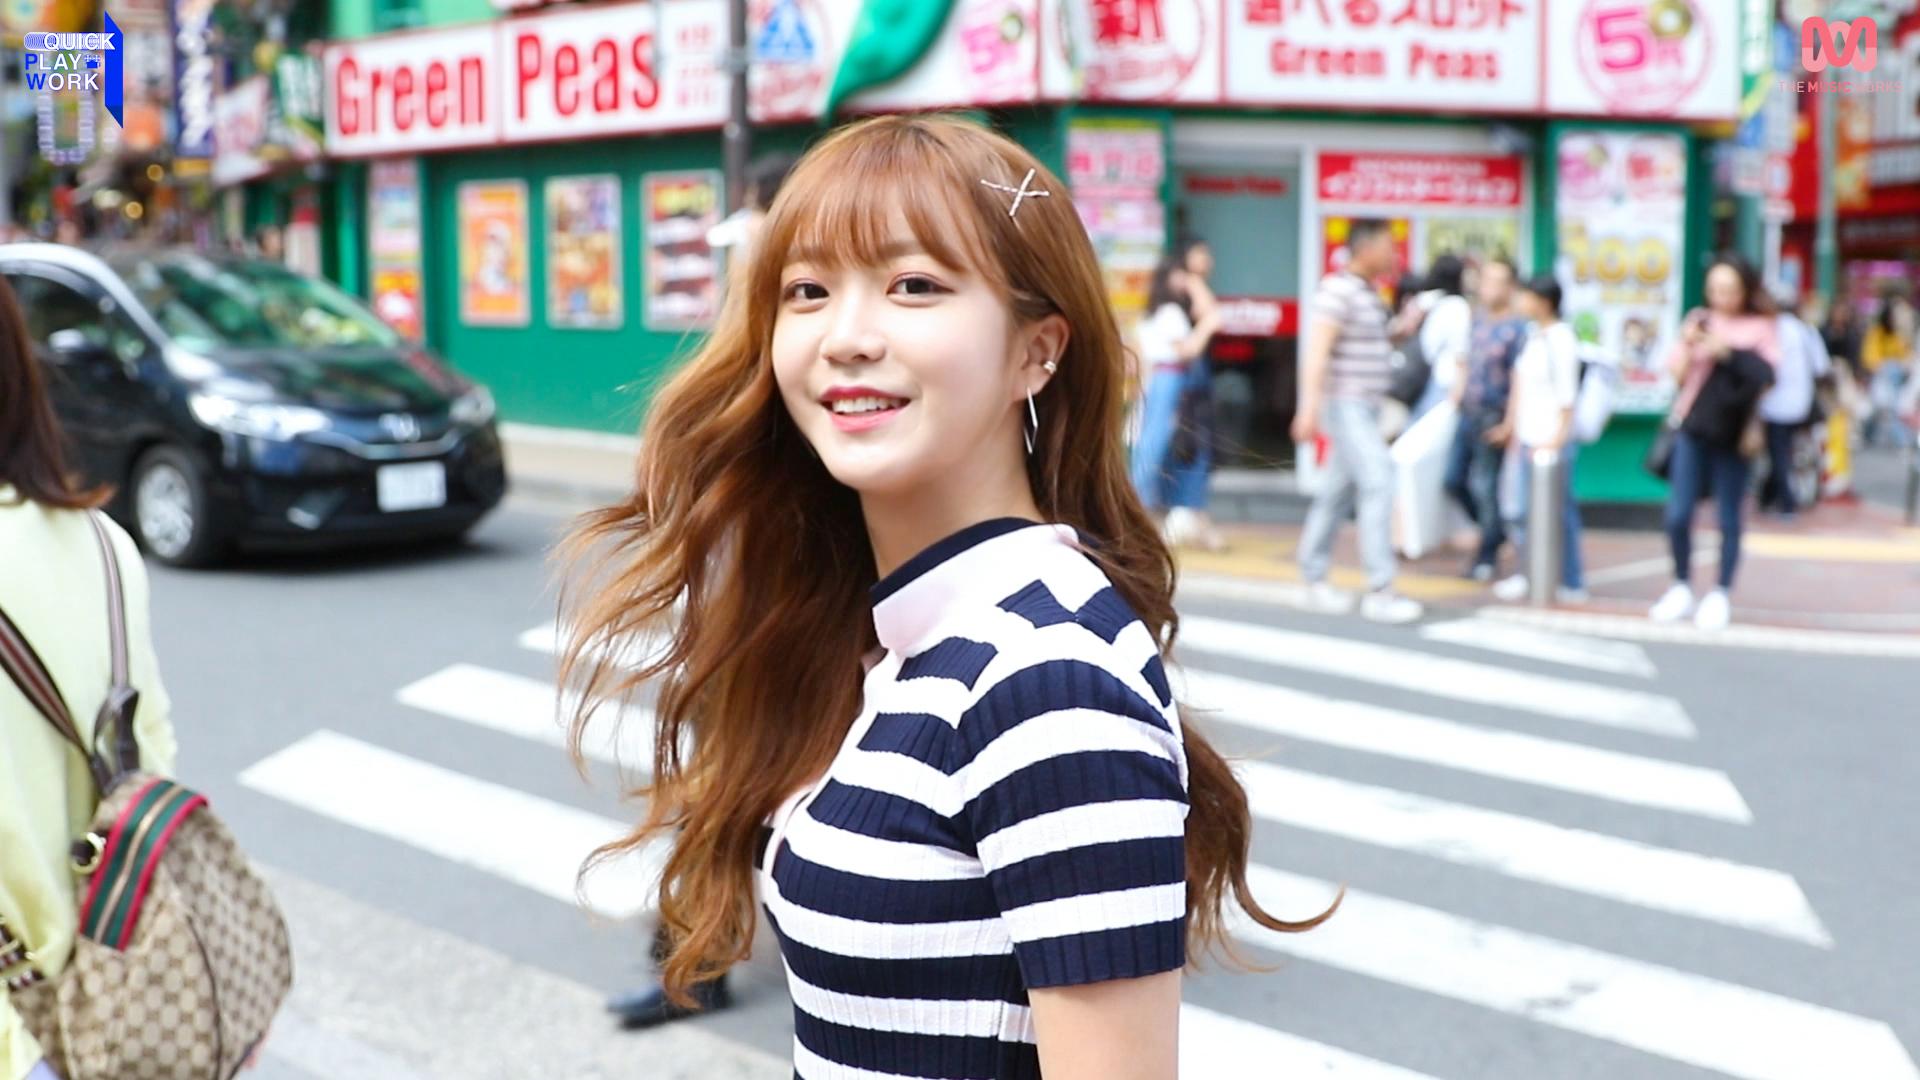 ★김소희★ QUICK PLAY WORK Kim So Hee In Tokyo #2